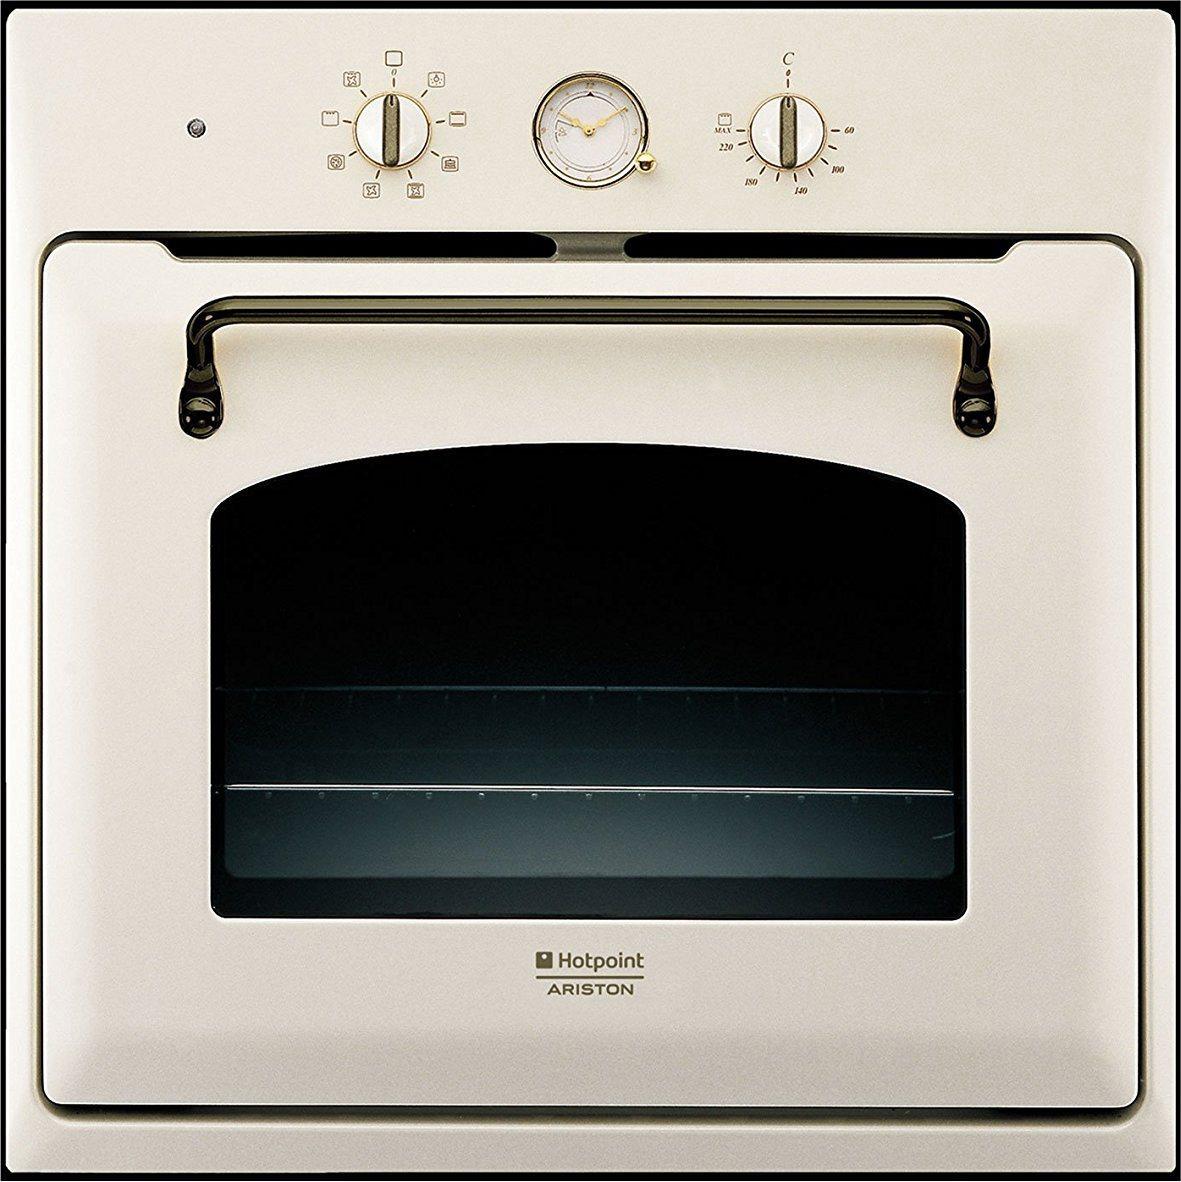 forno ariston ft 850 1 ow ha serie tradizione forno da incasso elettrico ventilato con grill. Black Bedroom Furniture Sets. Home Design Ideas